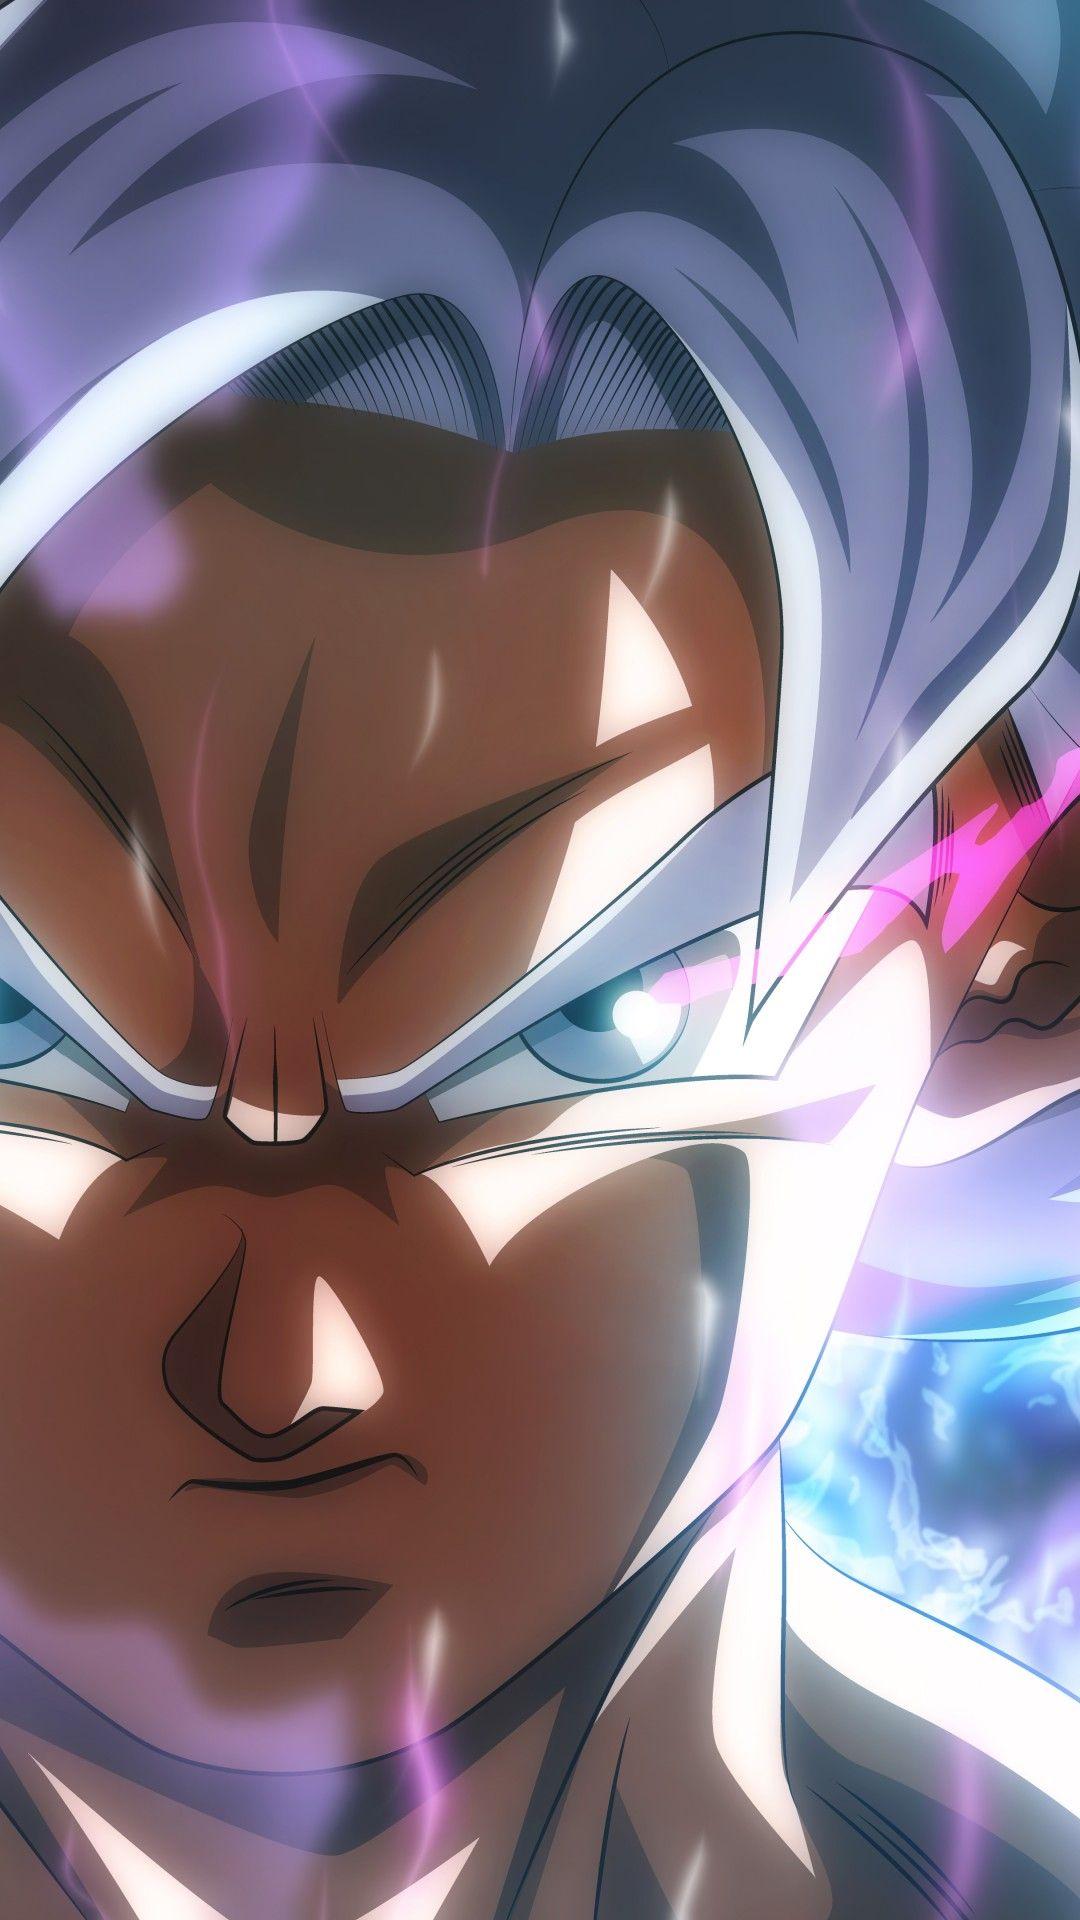 Ultra Instinct Goku Wallpaper Hd 7